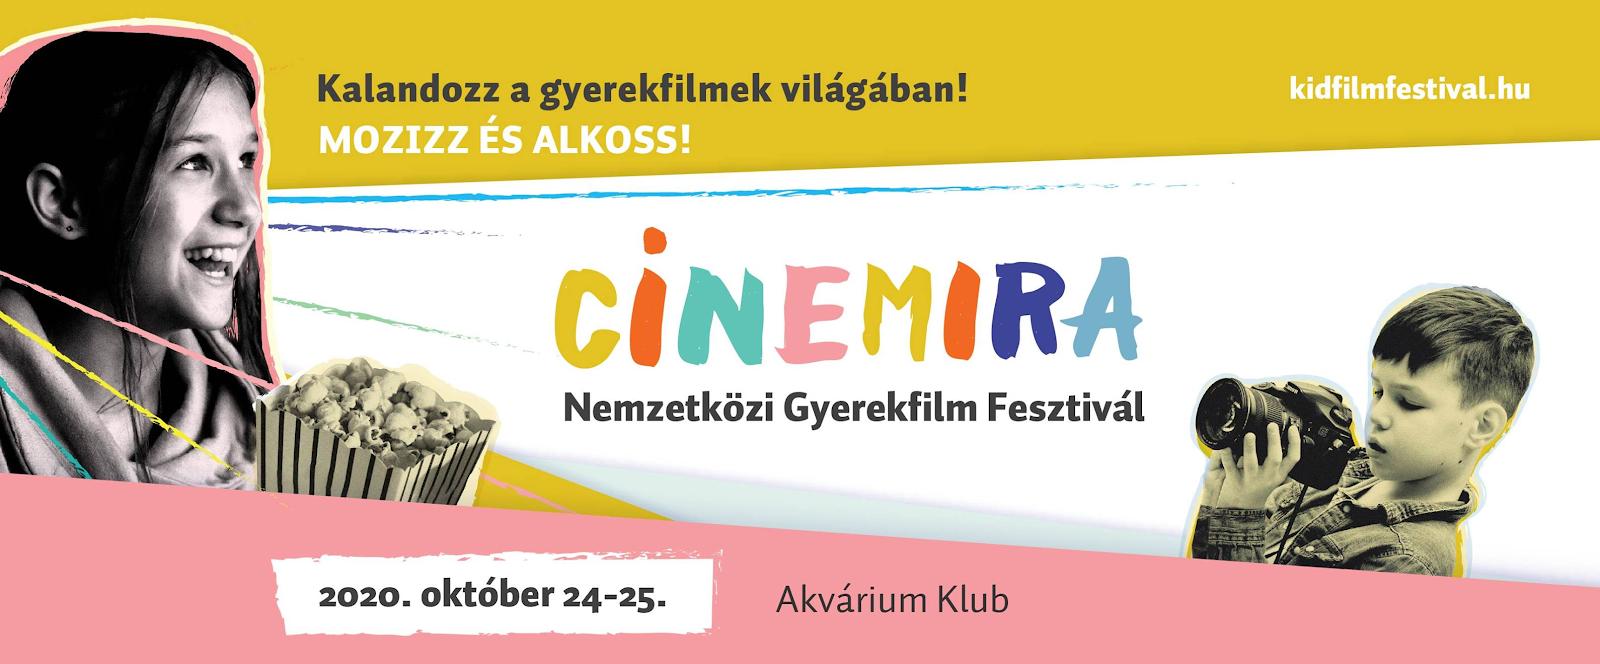 Budapest Kids programajánló – október 23-25.